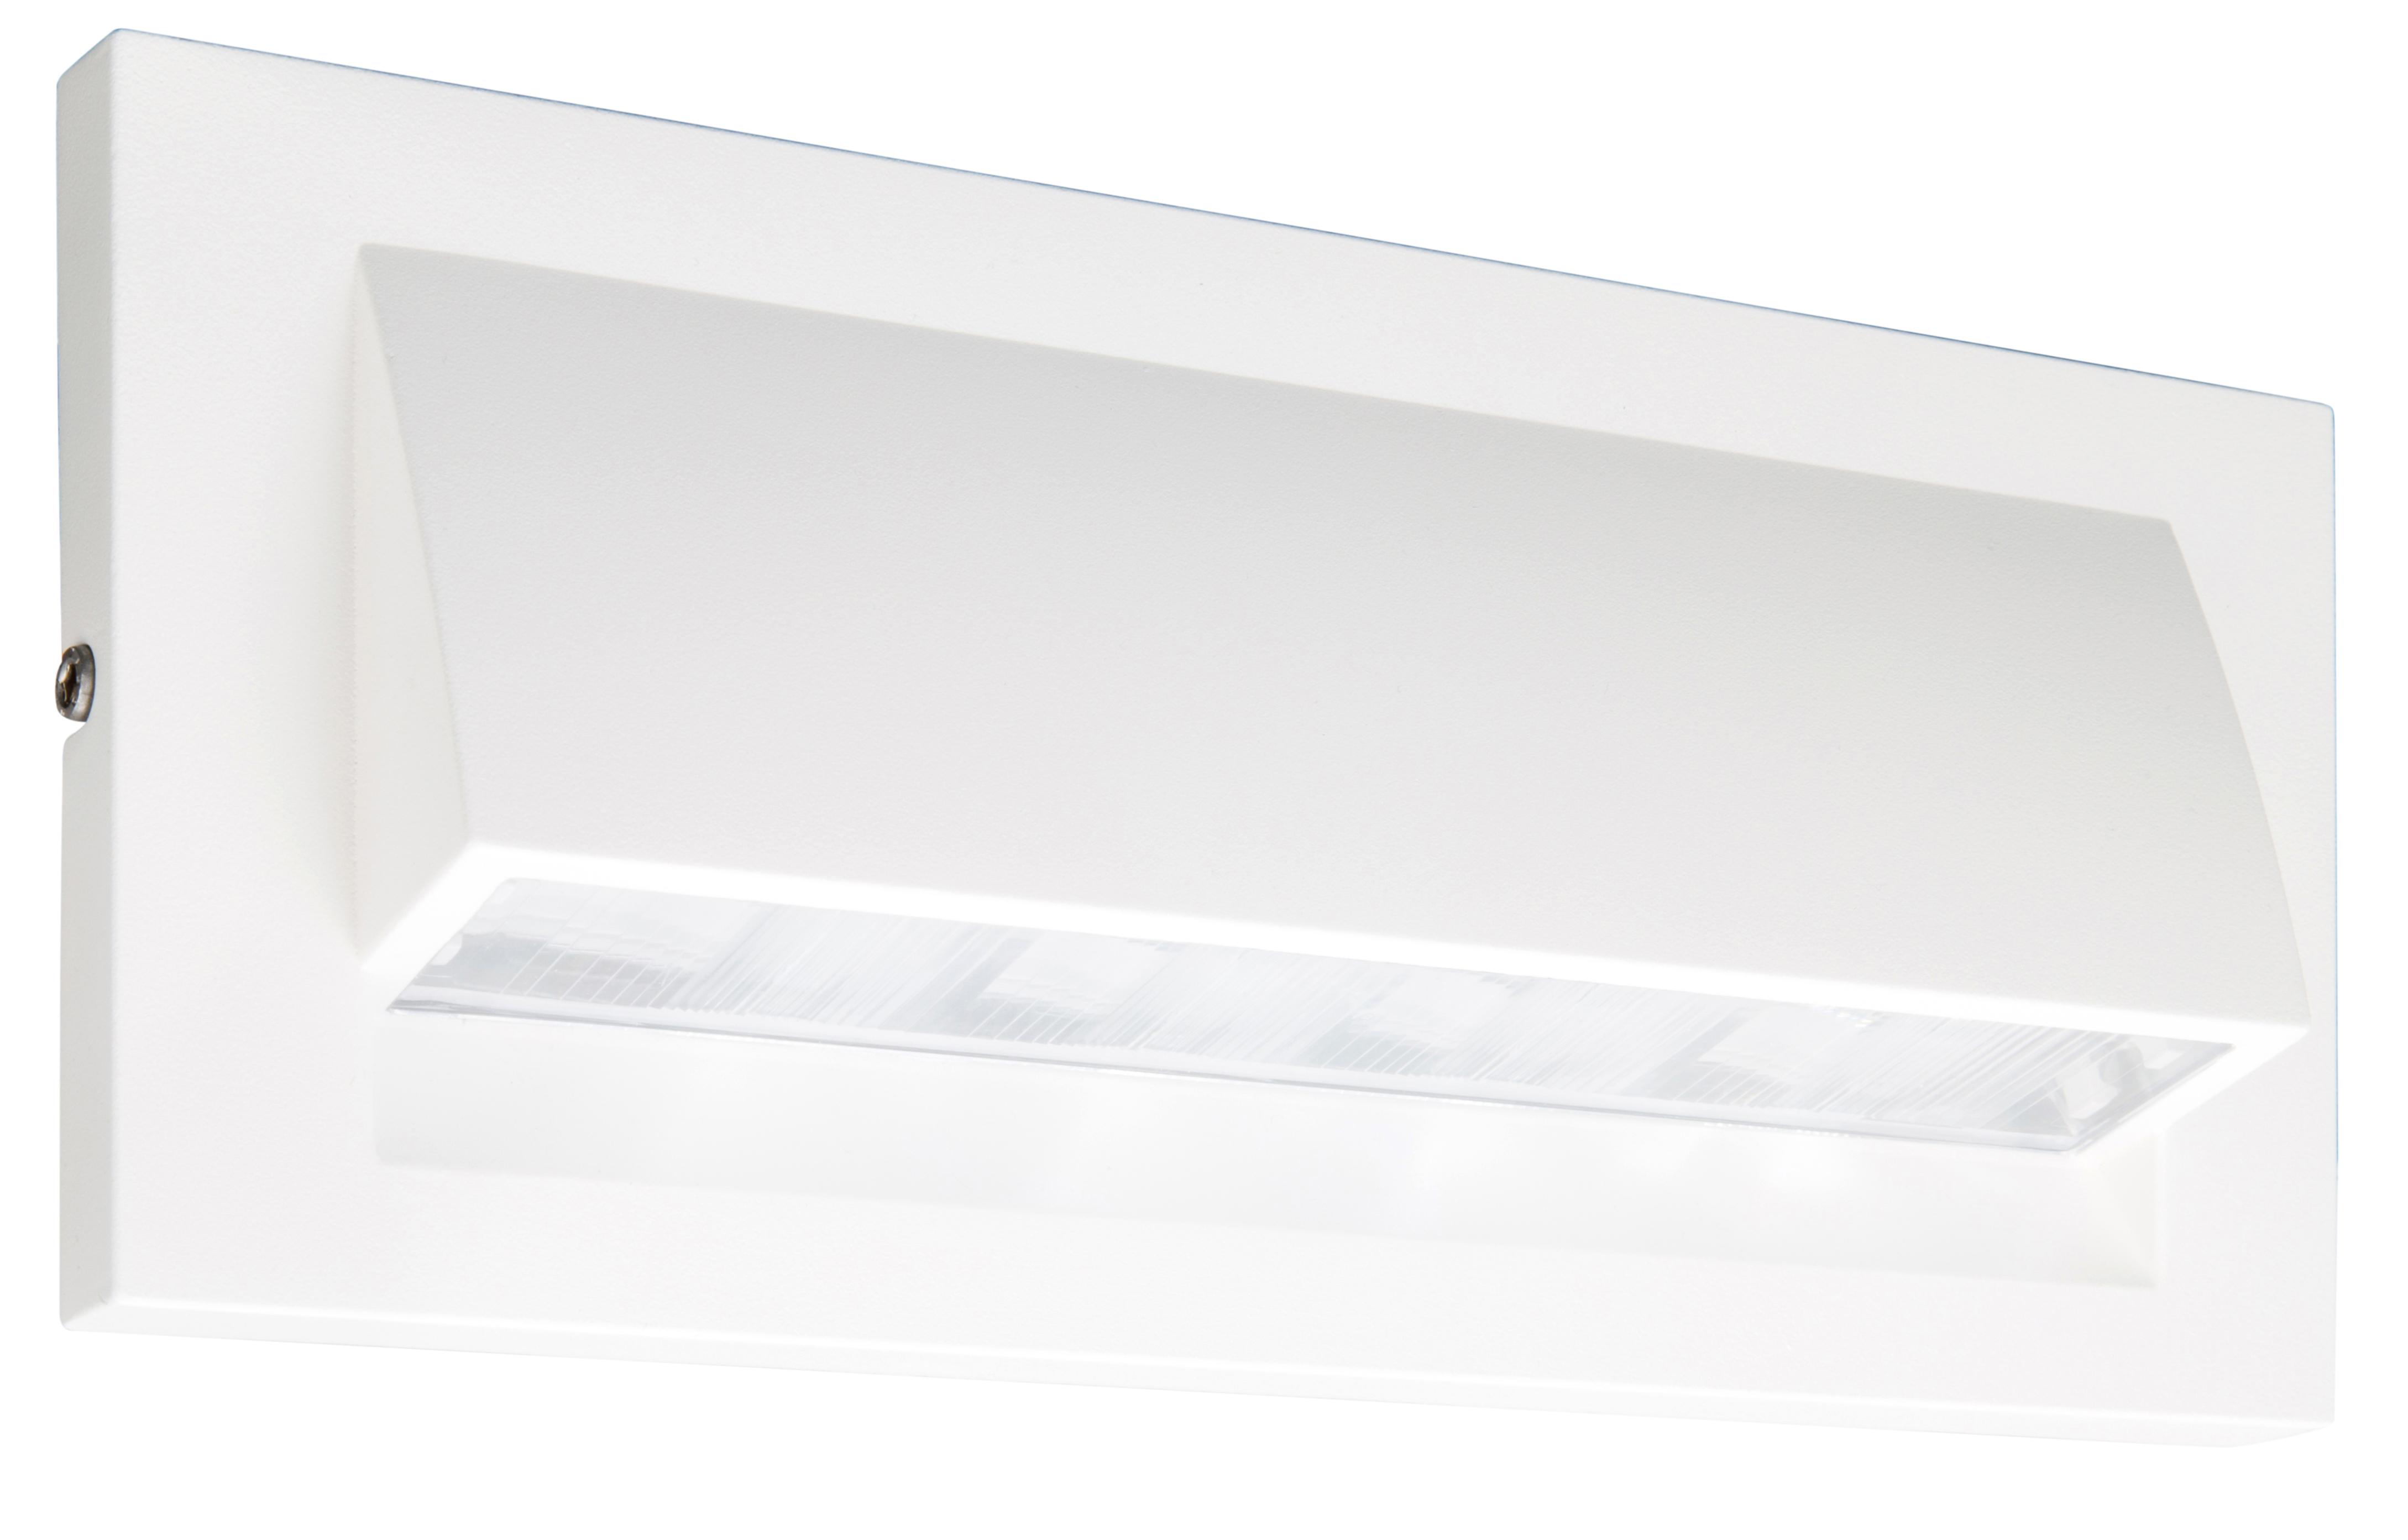 Notleuchte ZAW Überwachung und Mischbetrieb LED 230V